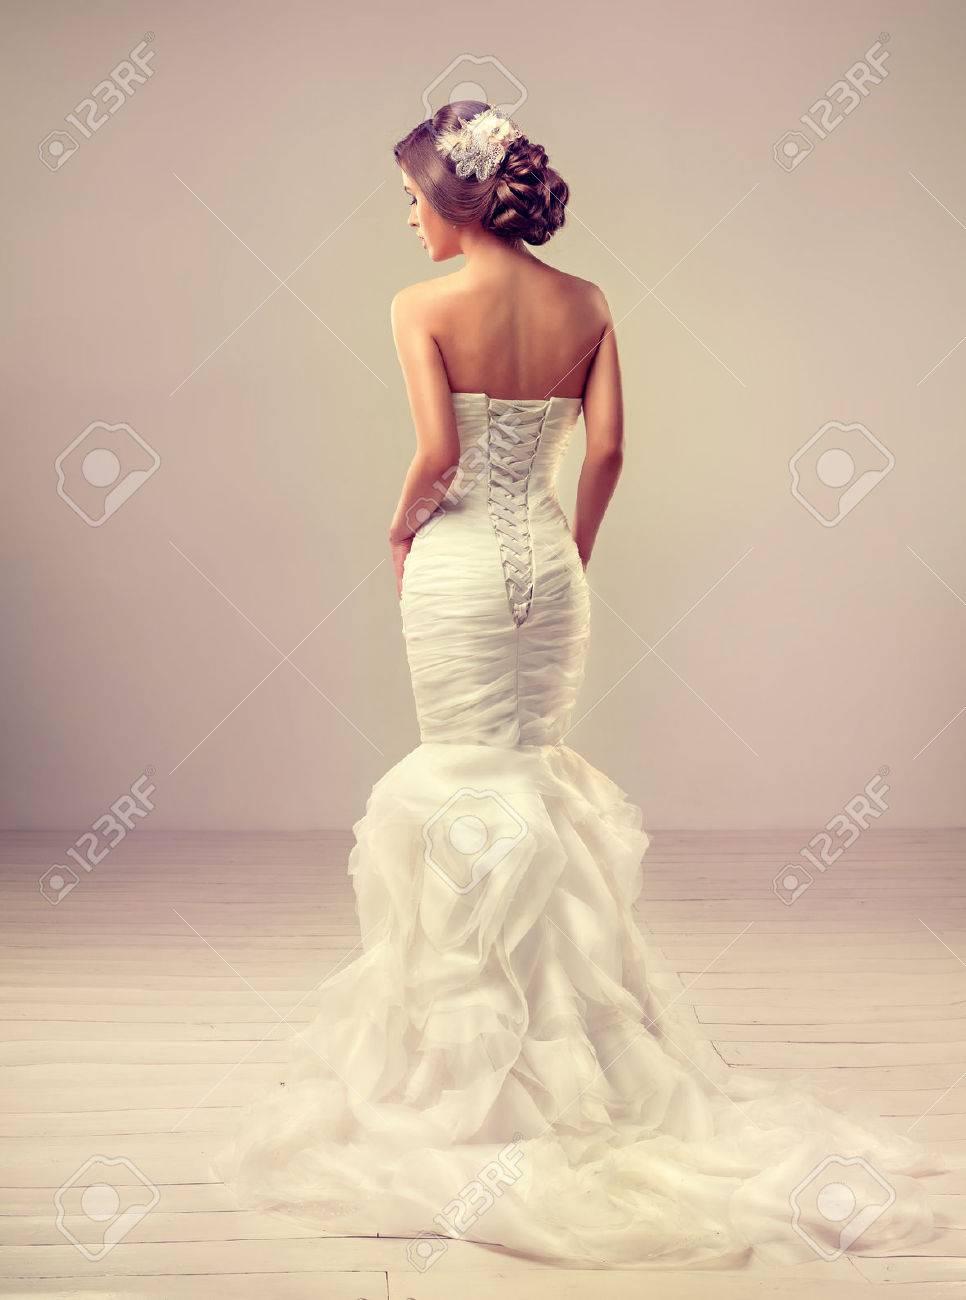 Mädchen Braut Im Hochzeitskleid Mit Eleganten Frisur. Lizenzfreie ...